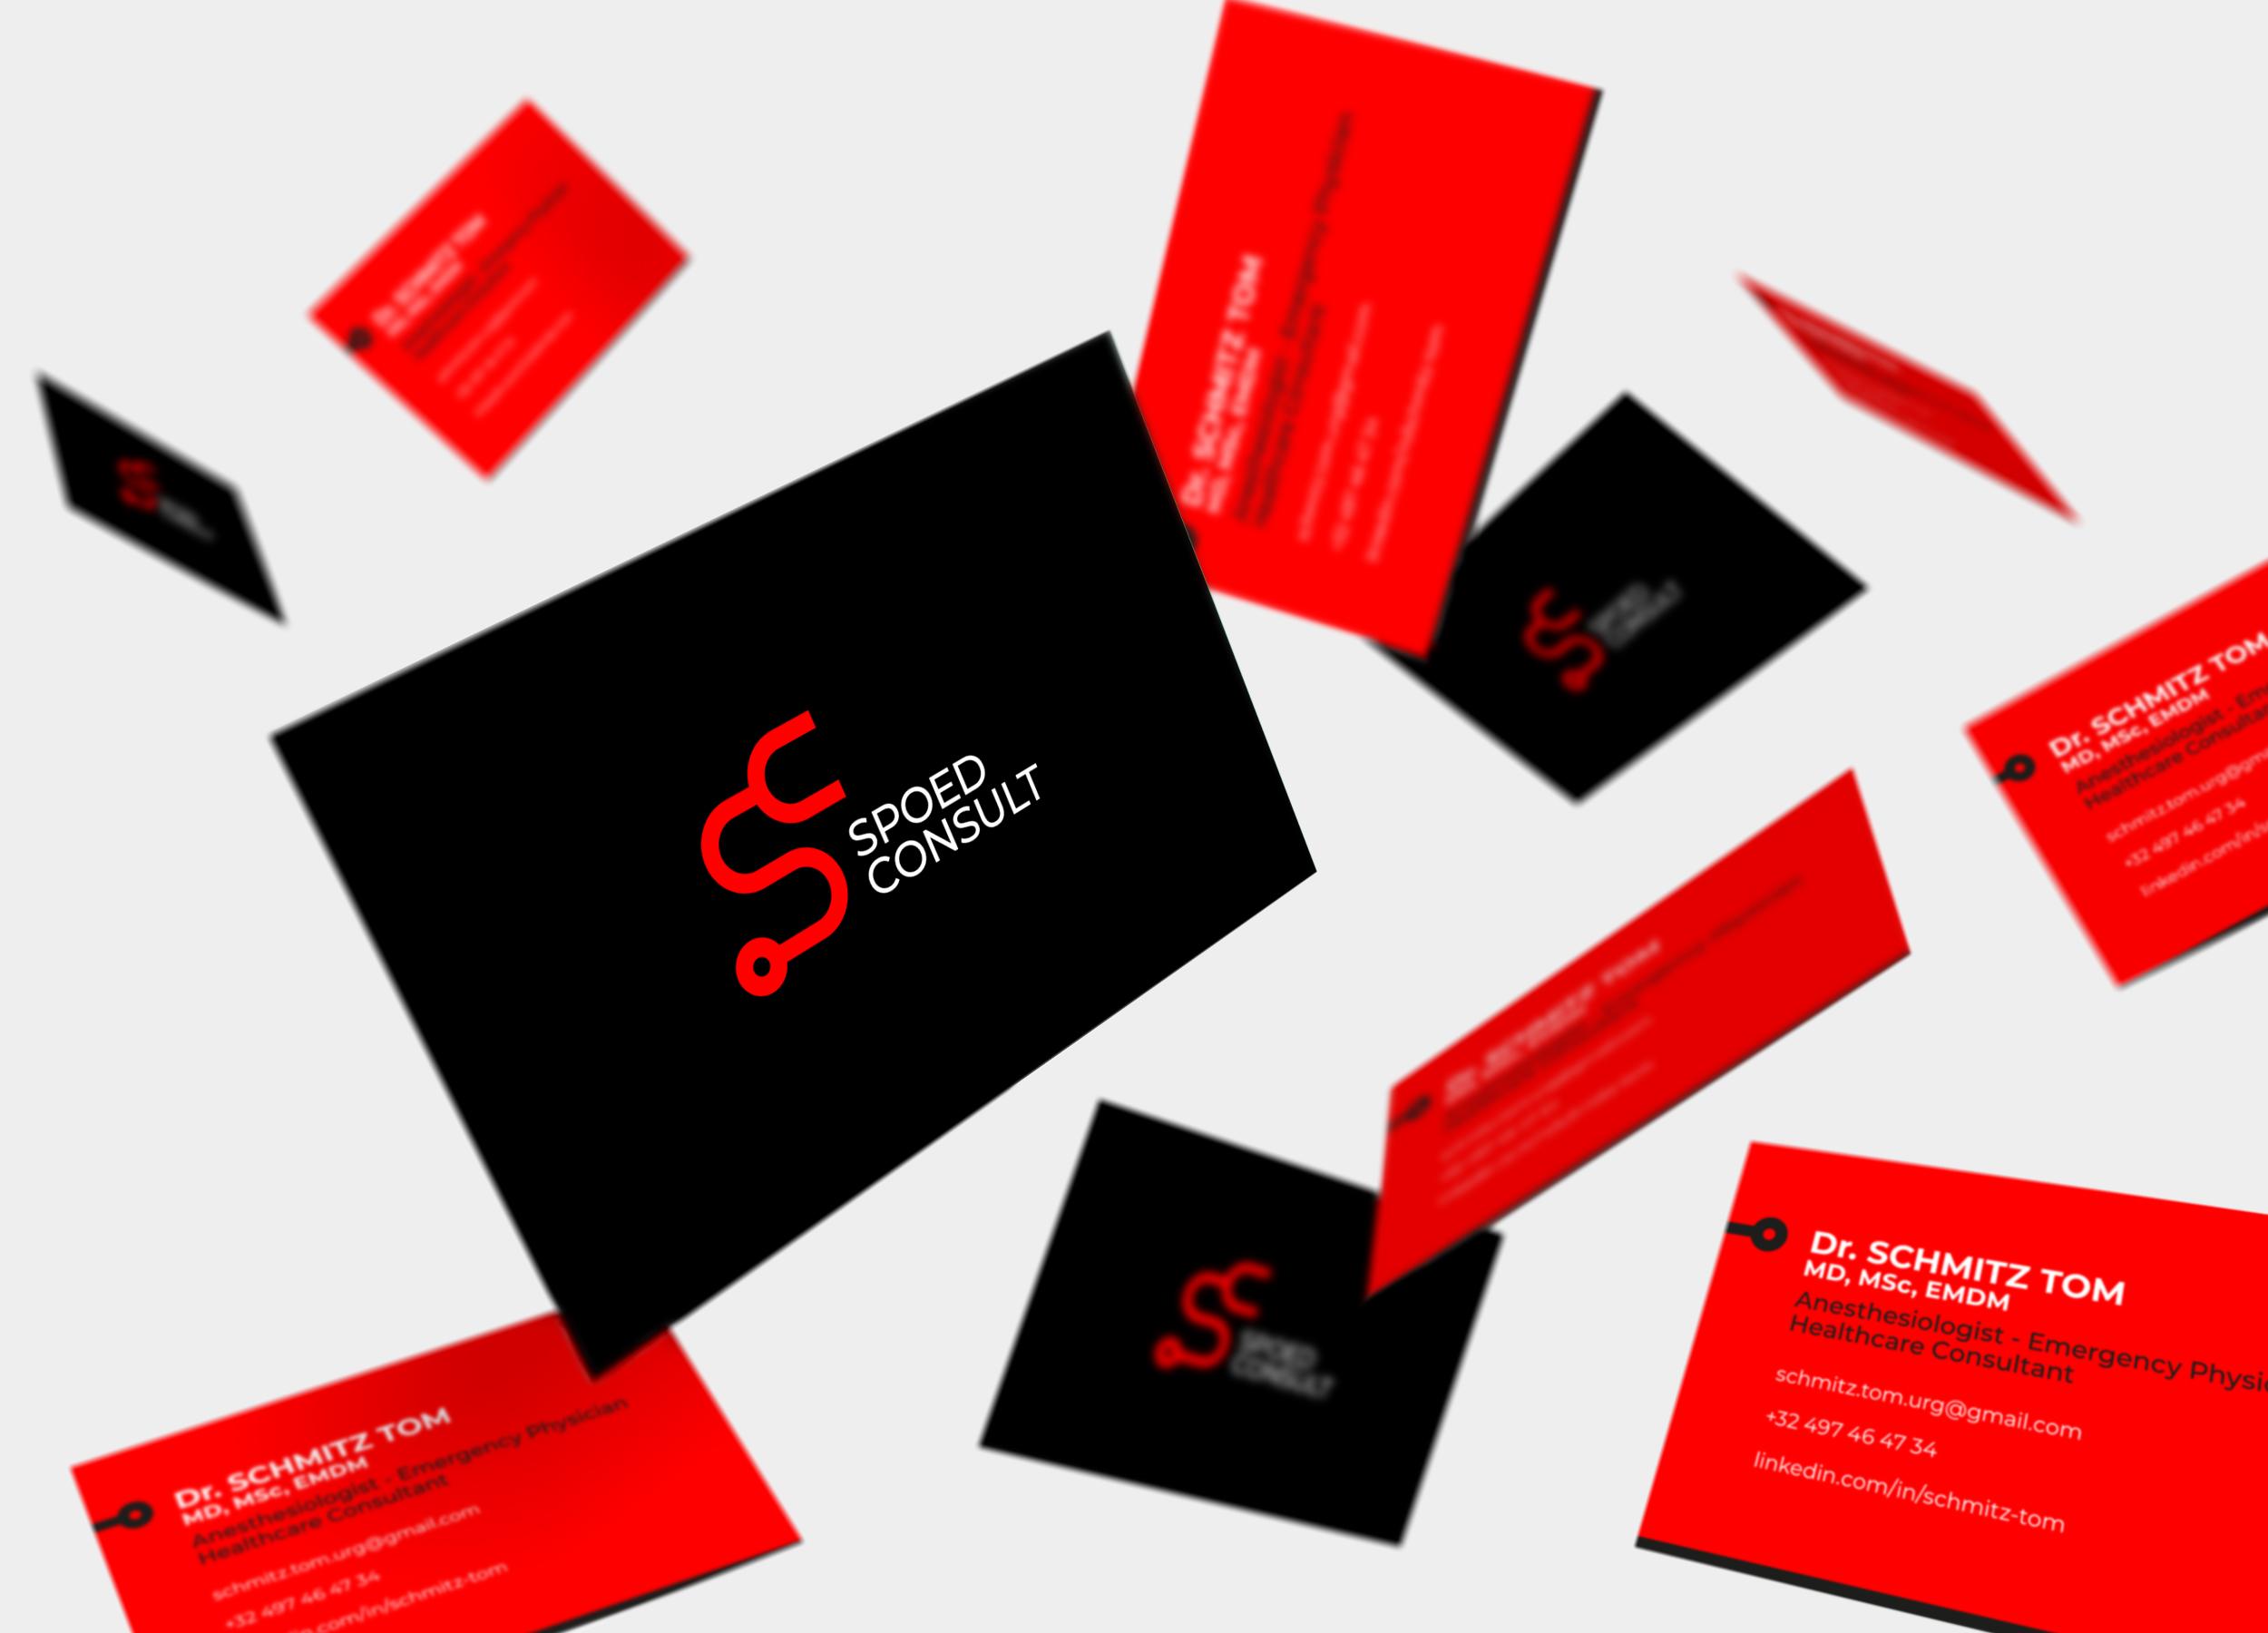 spoedconsult-businesscard.jpg